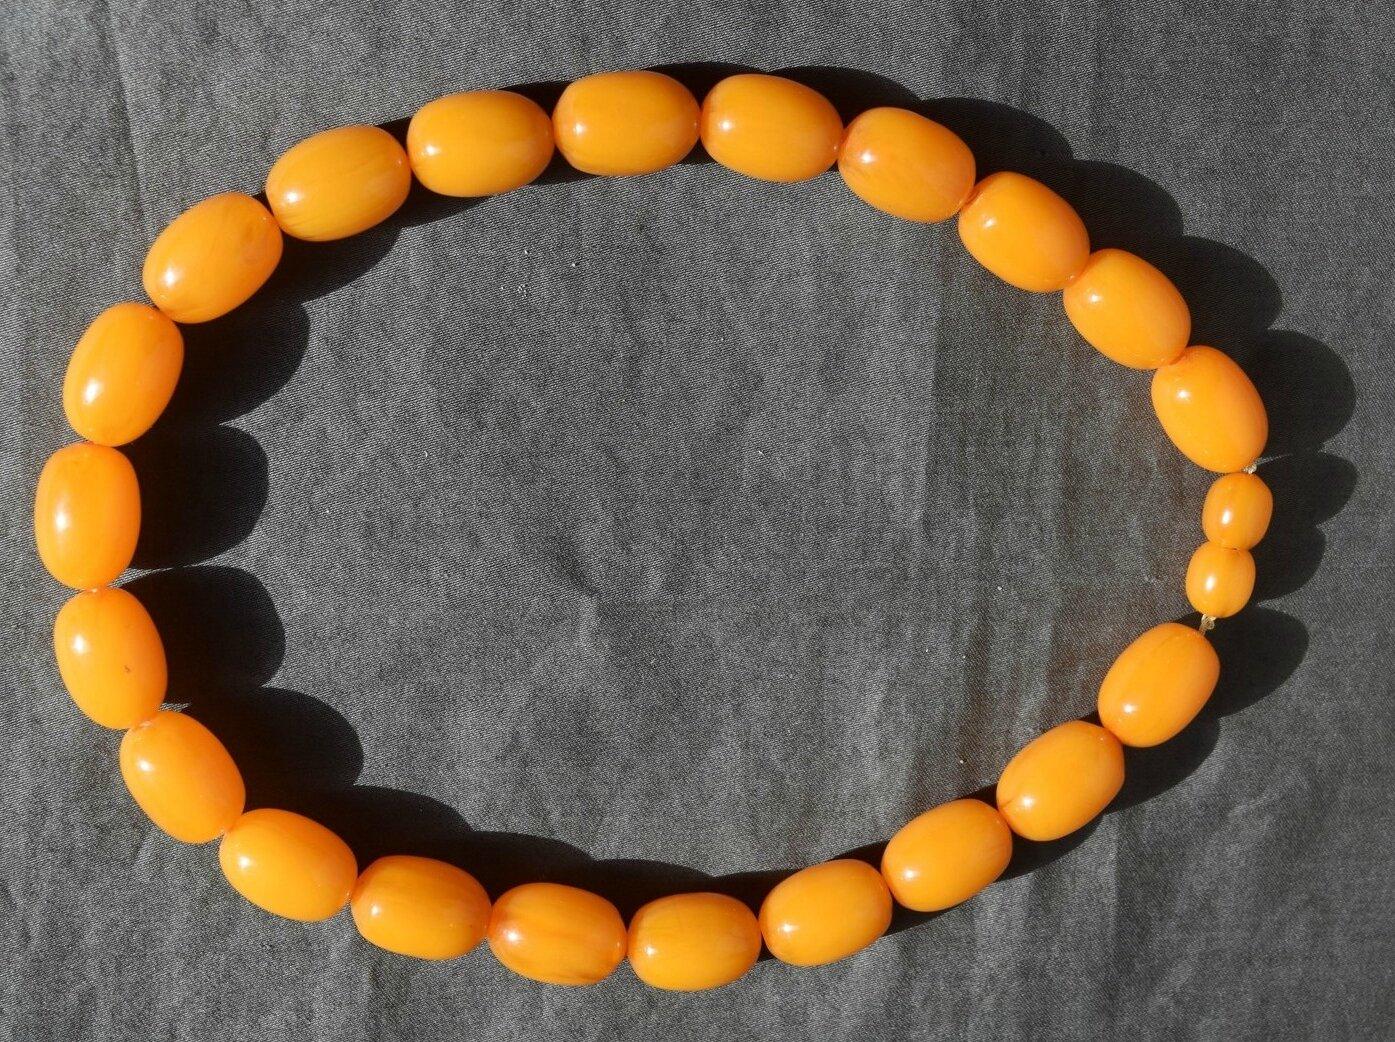 VINTAGE : COLLIER BAKÉLITE NECKLACE couleur jaune oranger ambre